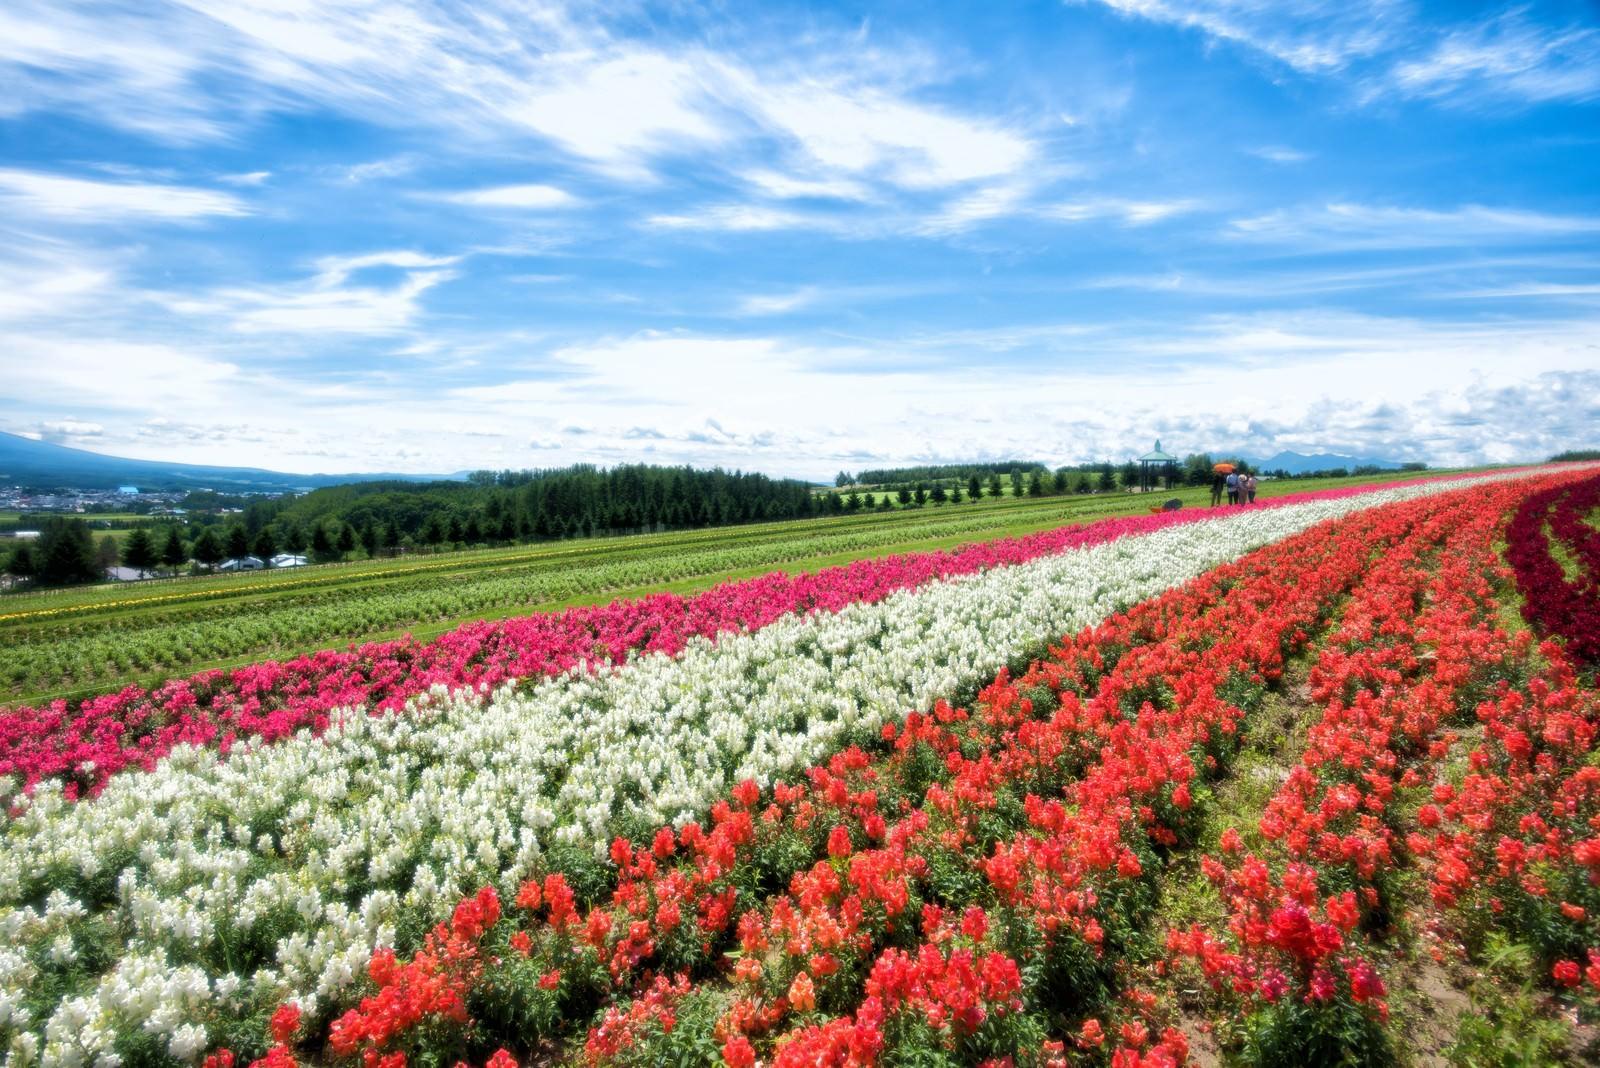 「色とりどりに咲き誇る富良野の花畑」の写真